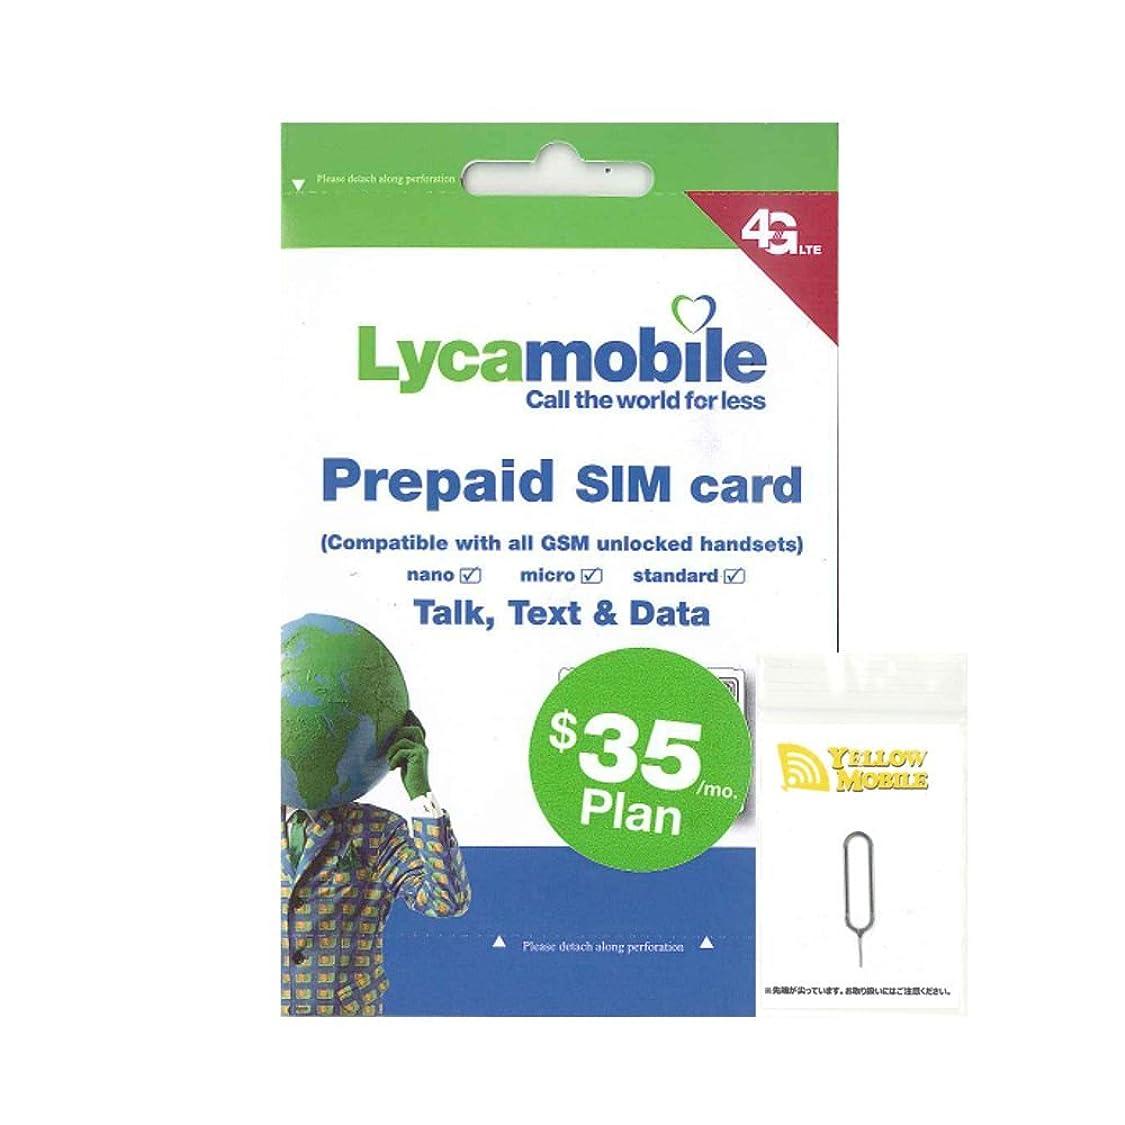 アメリカ?ハワイSIM lycamobile 30日LTE6GB 米国内通話?SMS無制限コミコミパック+YM SIMピンセット (日本語オリジナルマニュアル付)